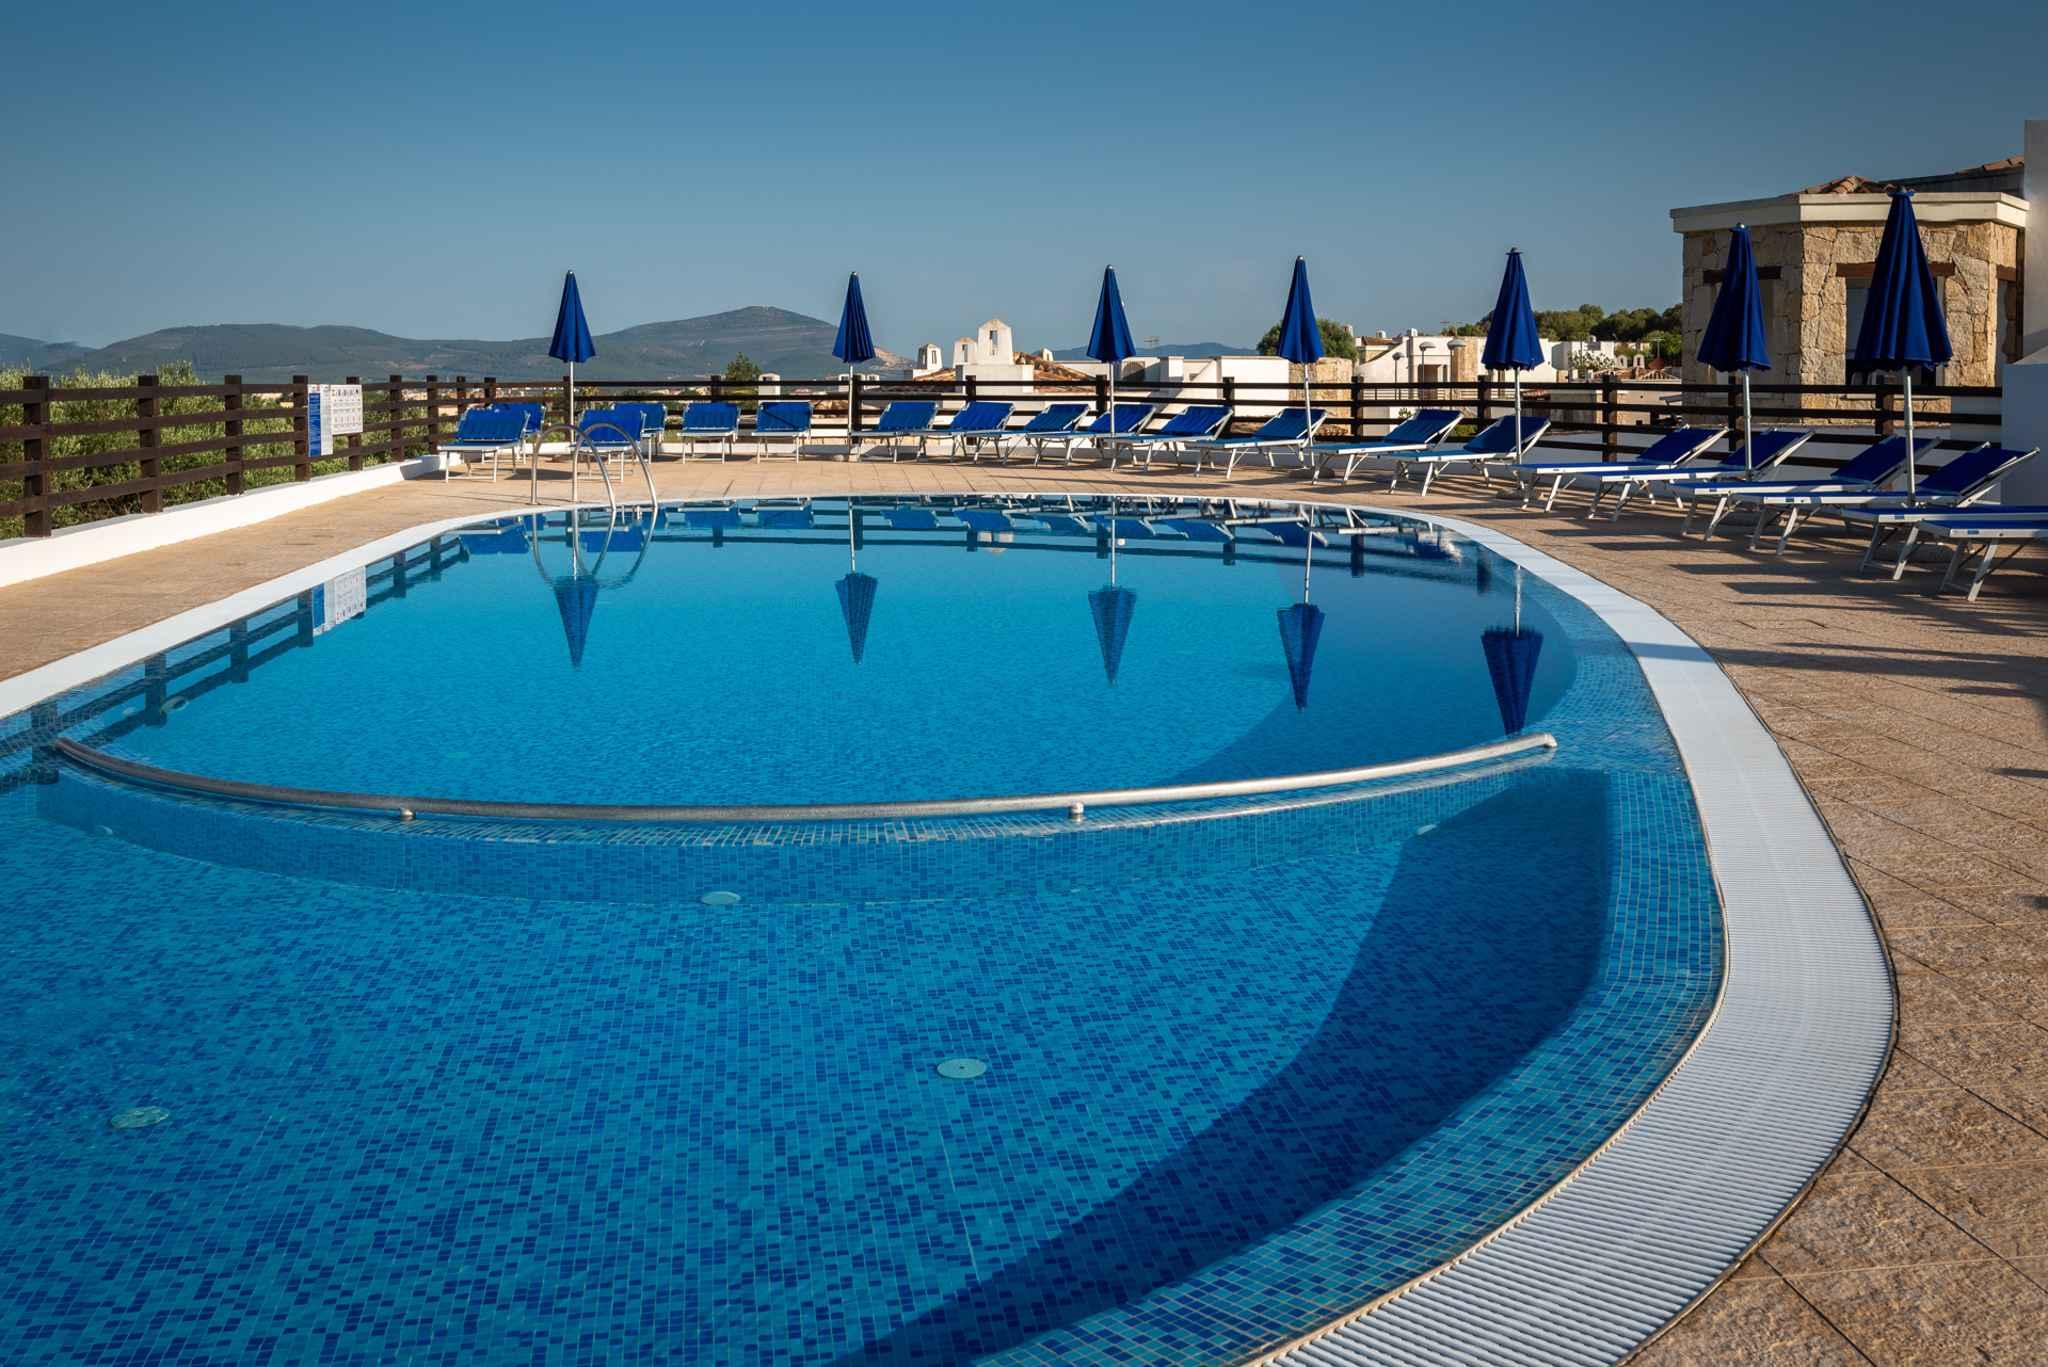 Ferienhaus mit KLimaanlage (2182426), Alghero, Sassari, Sardinien, Italien, Bild 7